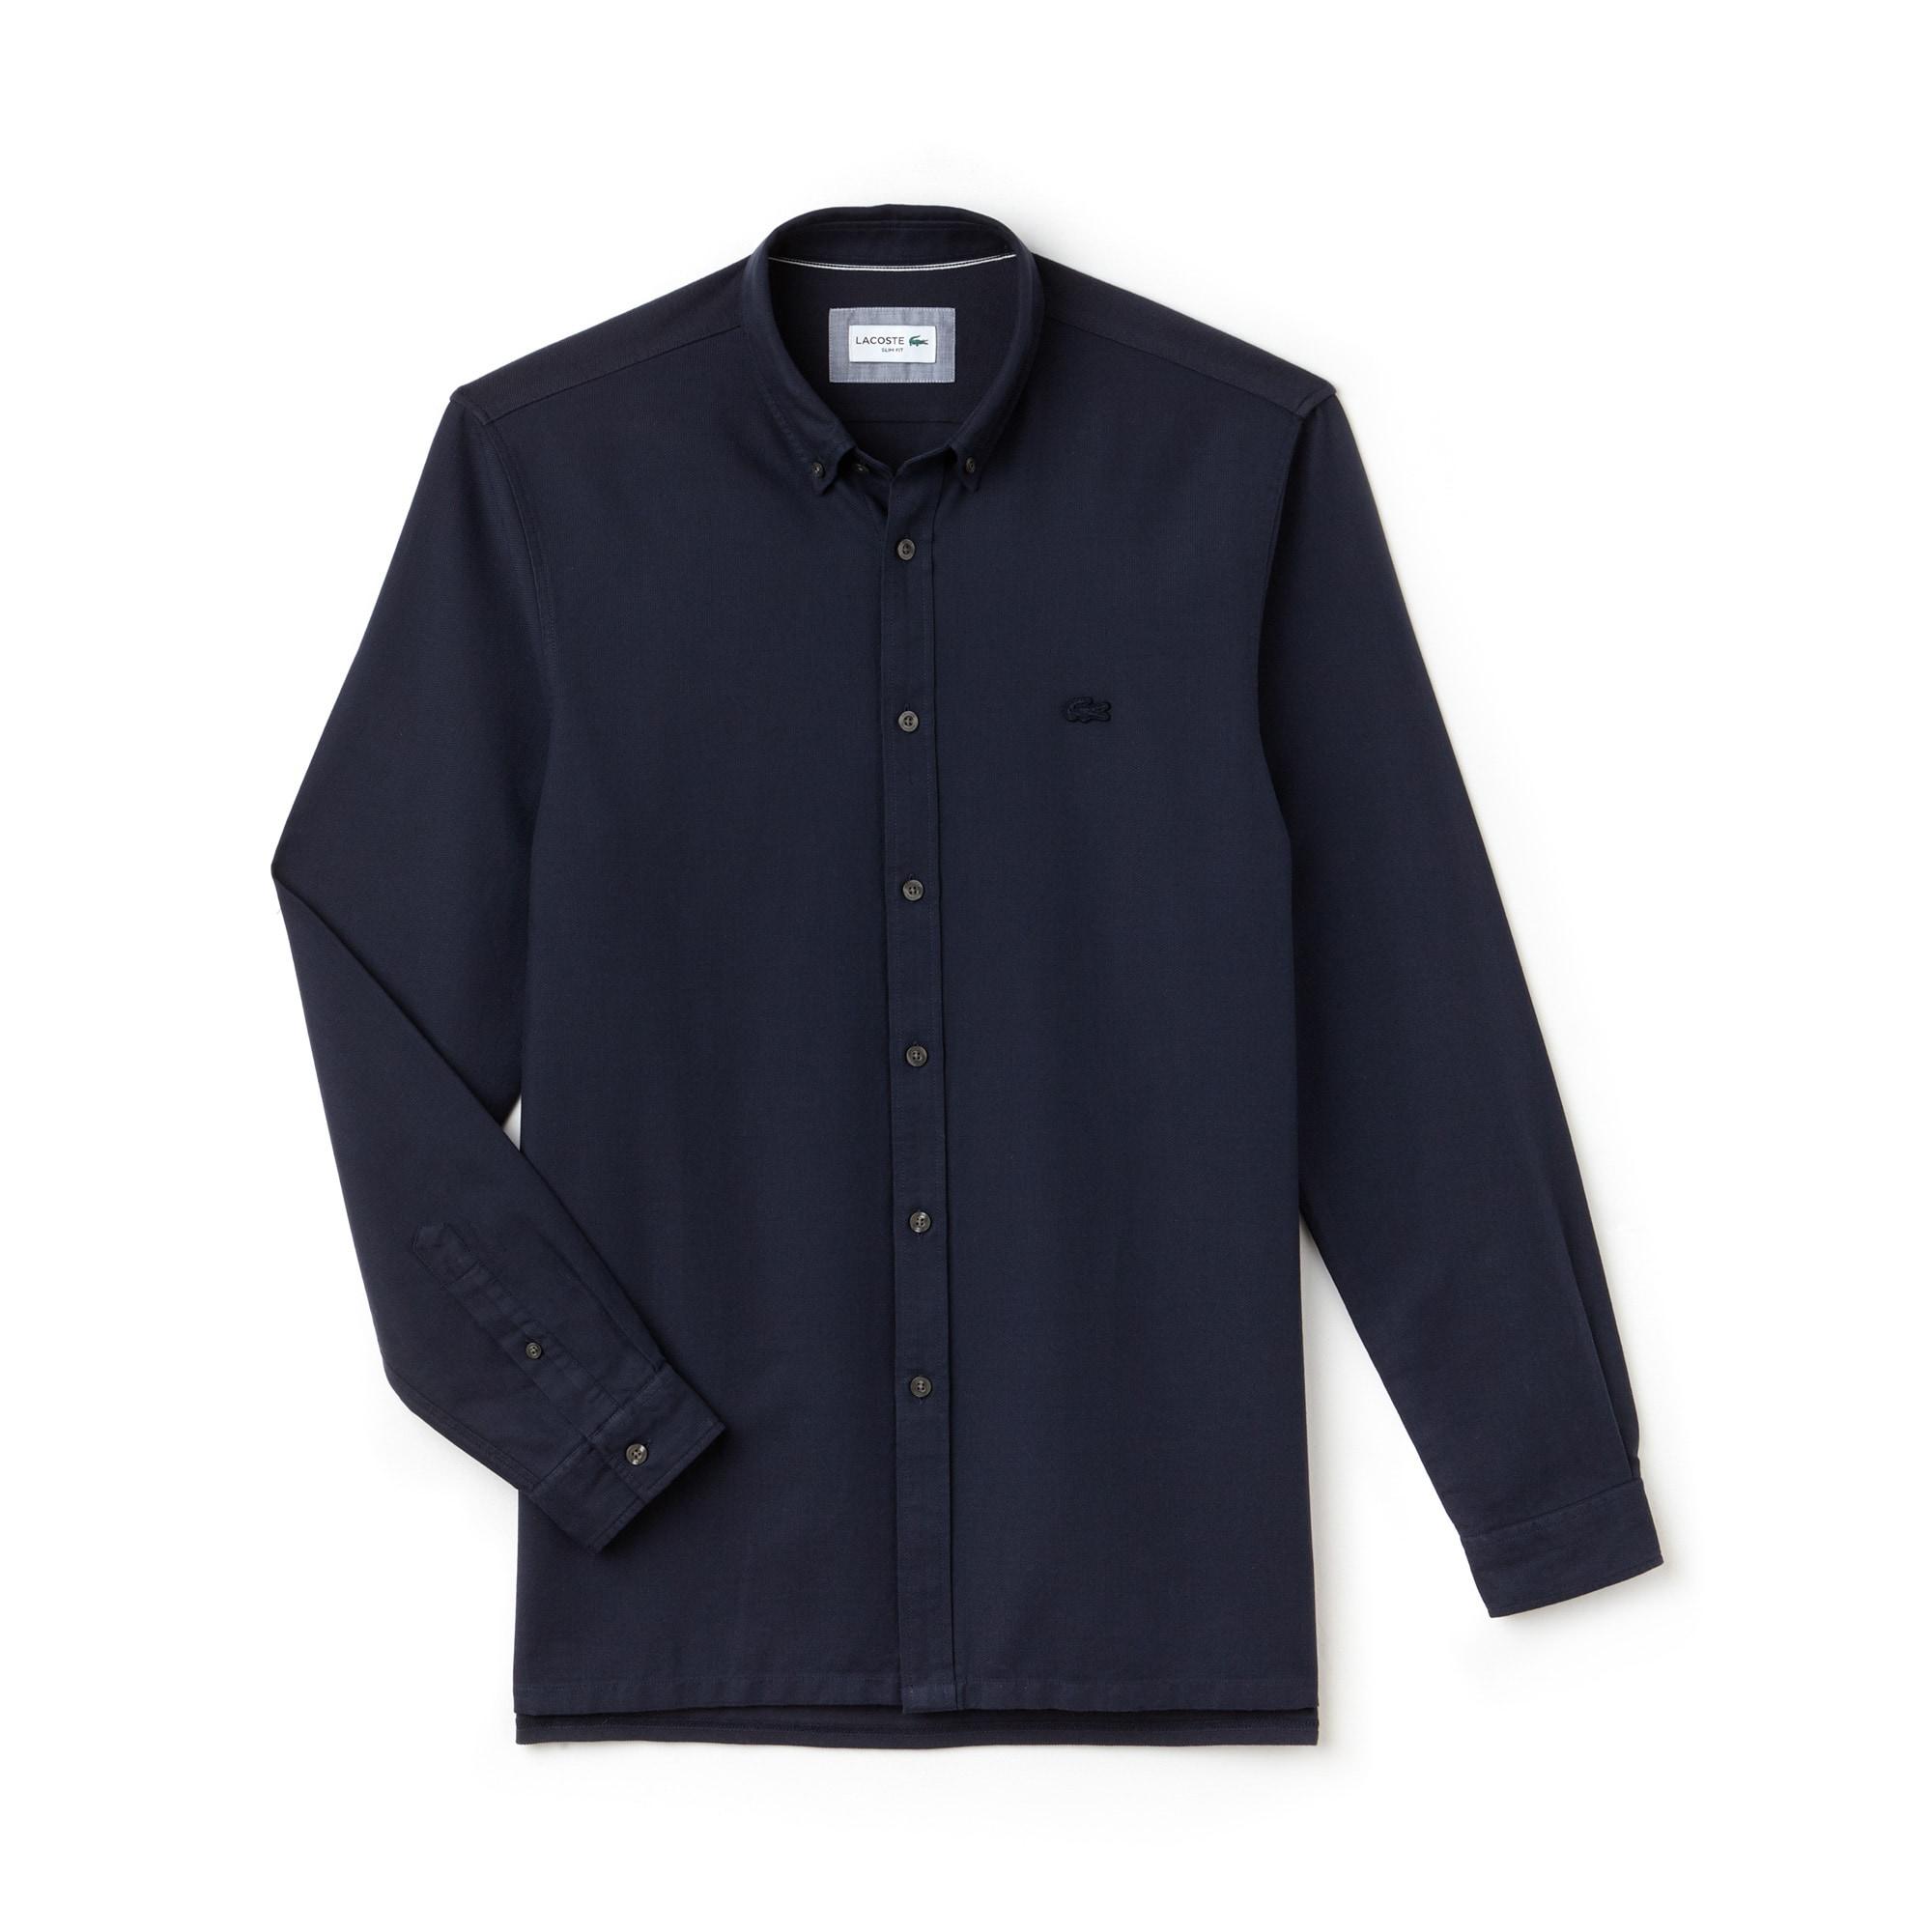 Men's Slim Fit Lacoste MOTION Cotton Piqué Shirt